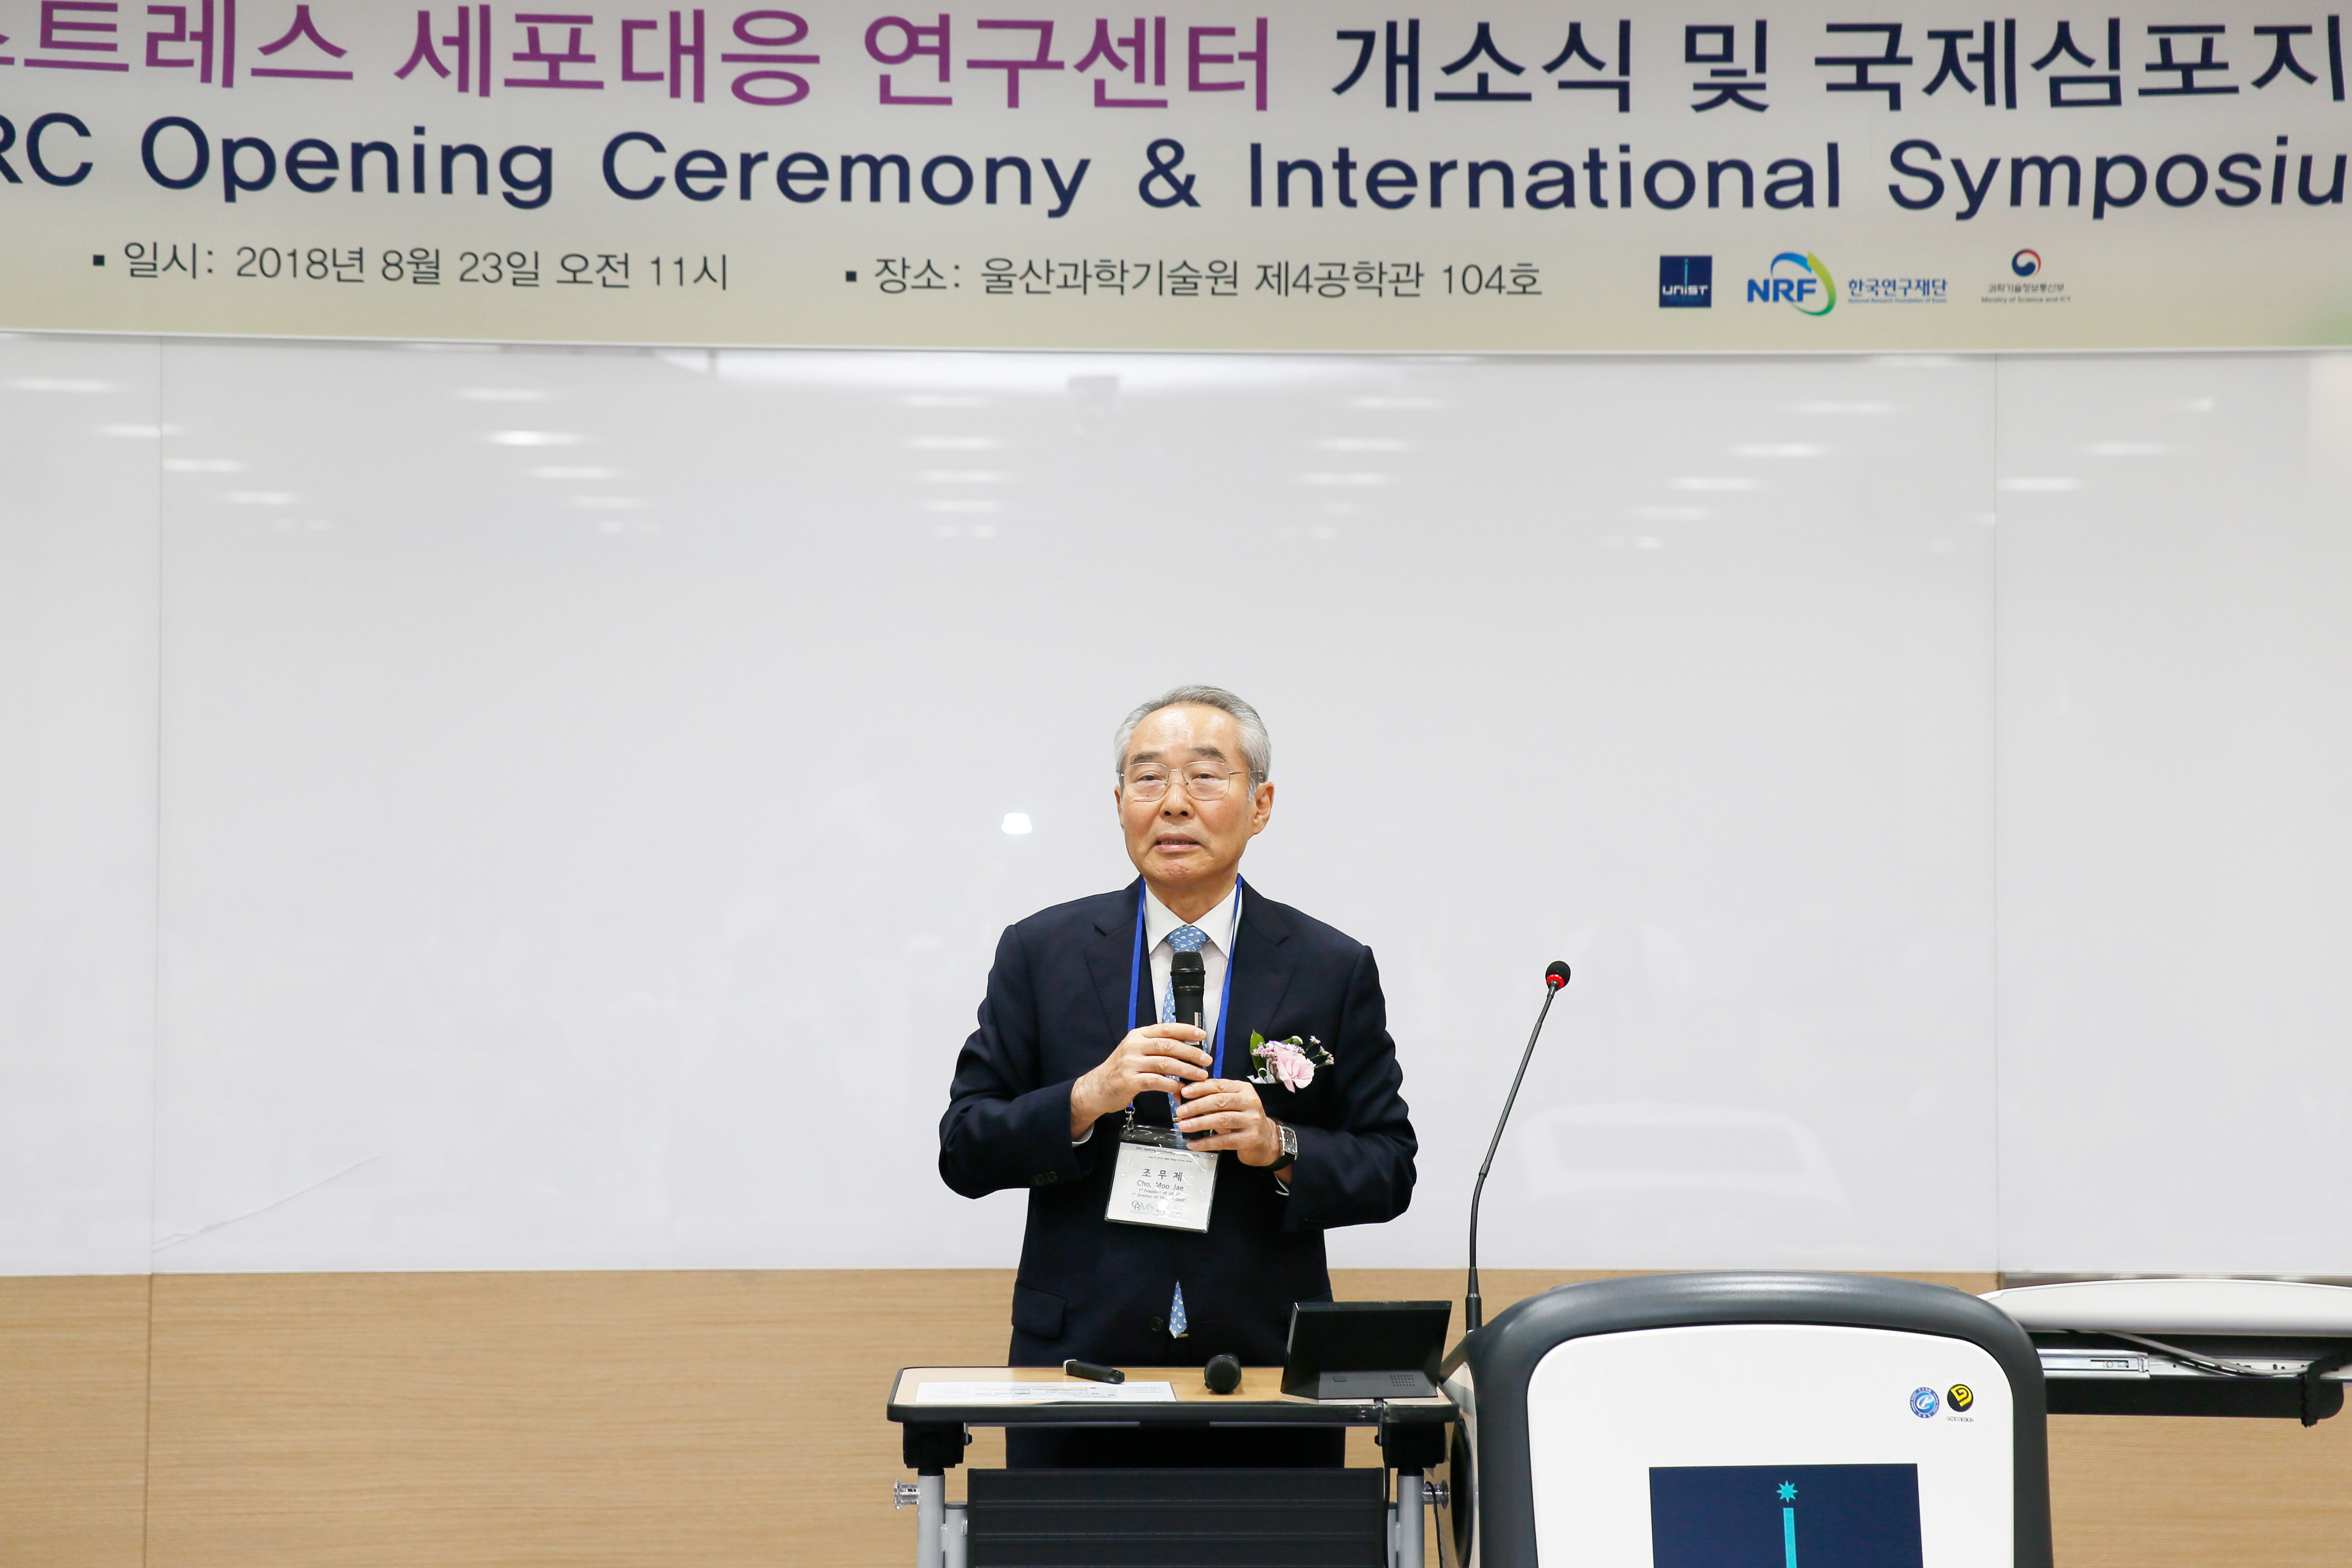 개소식에 조무제 UNIST 전 총장이 참석해 특강을 진행했다. | 사진: 김경채